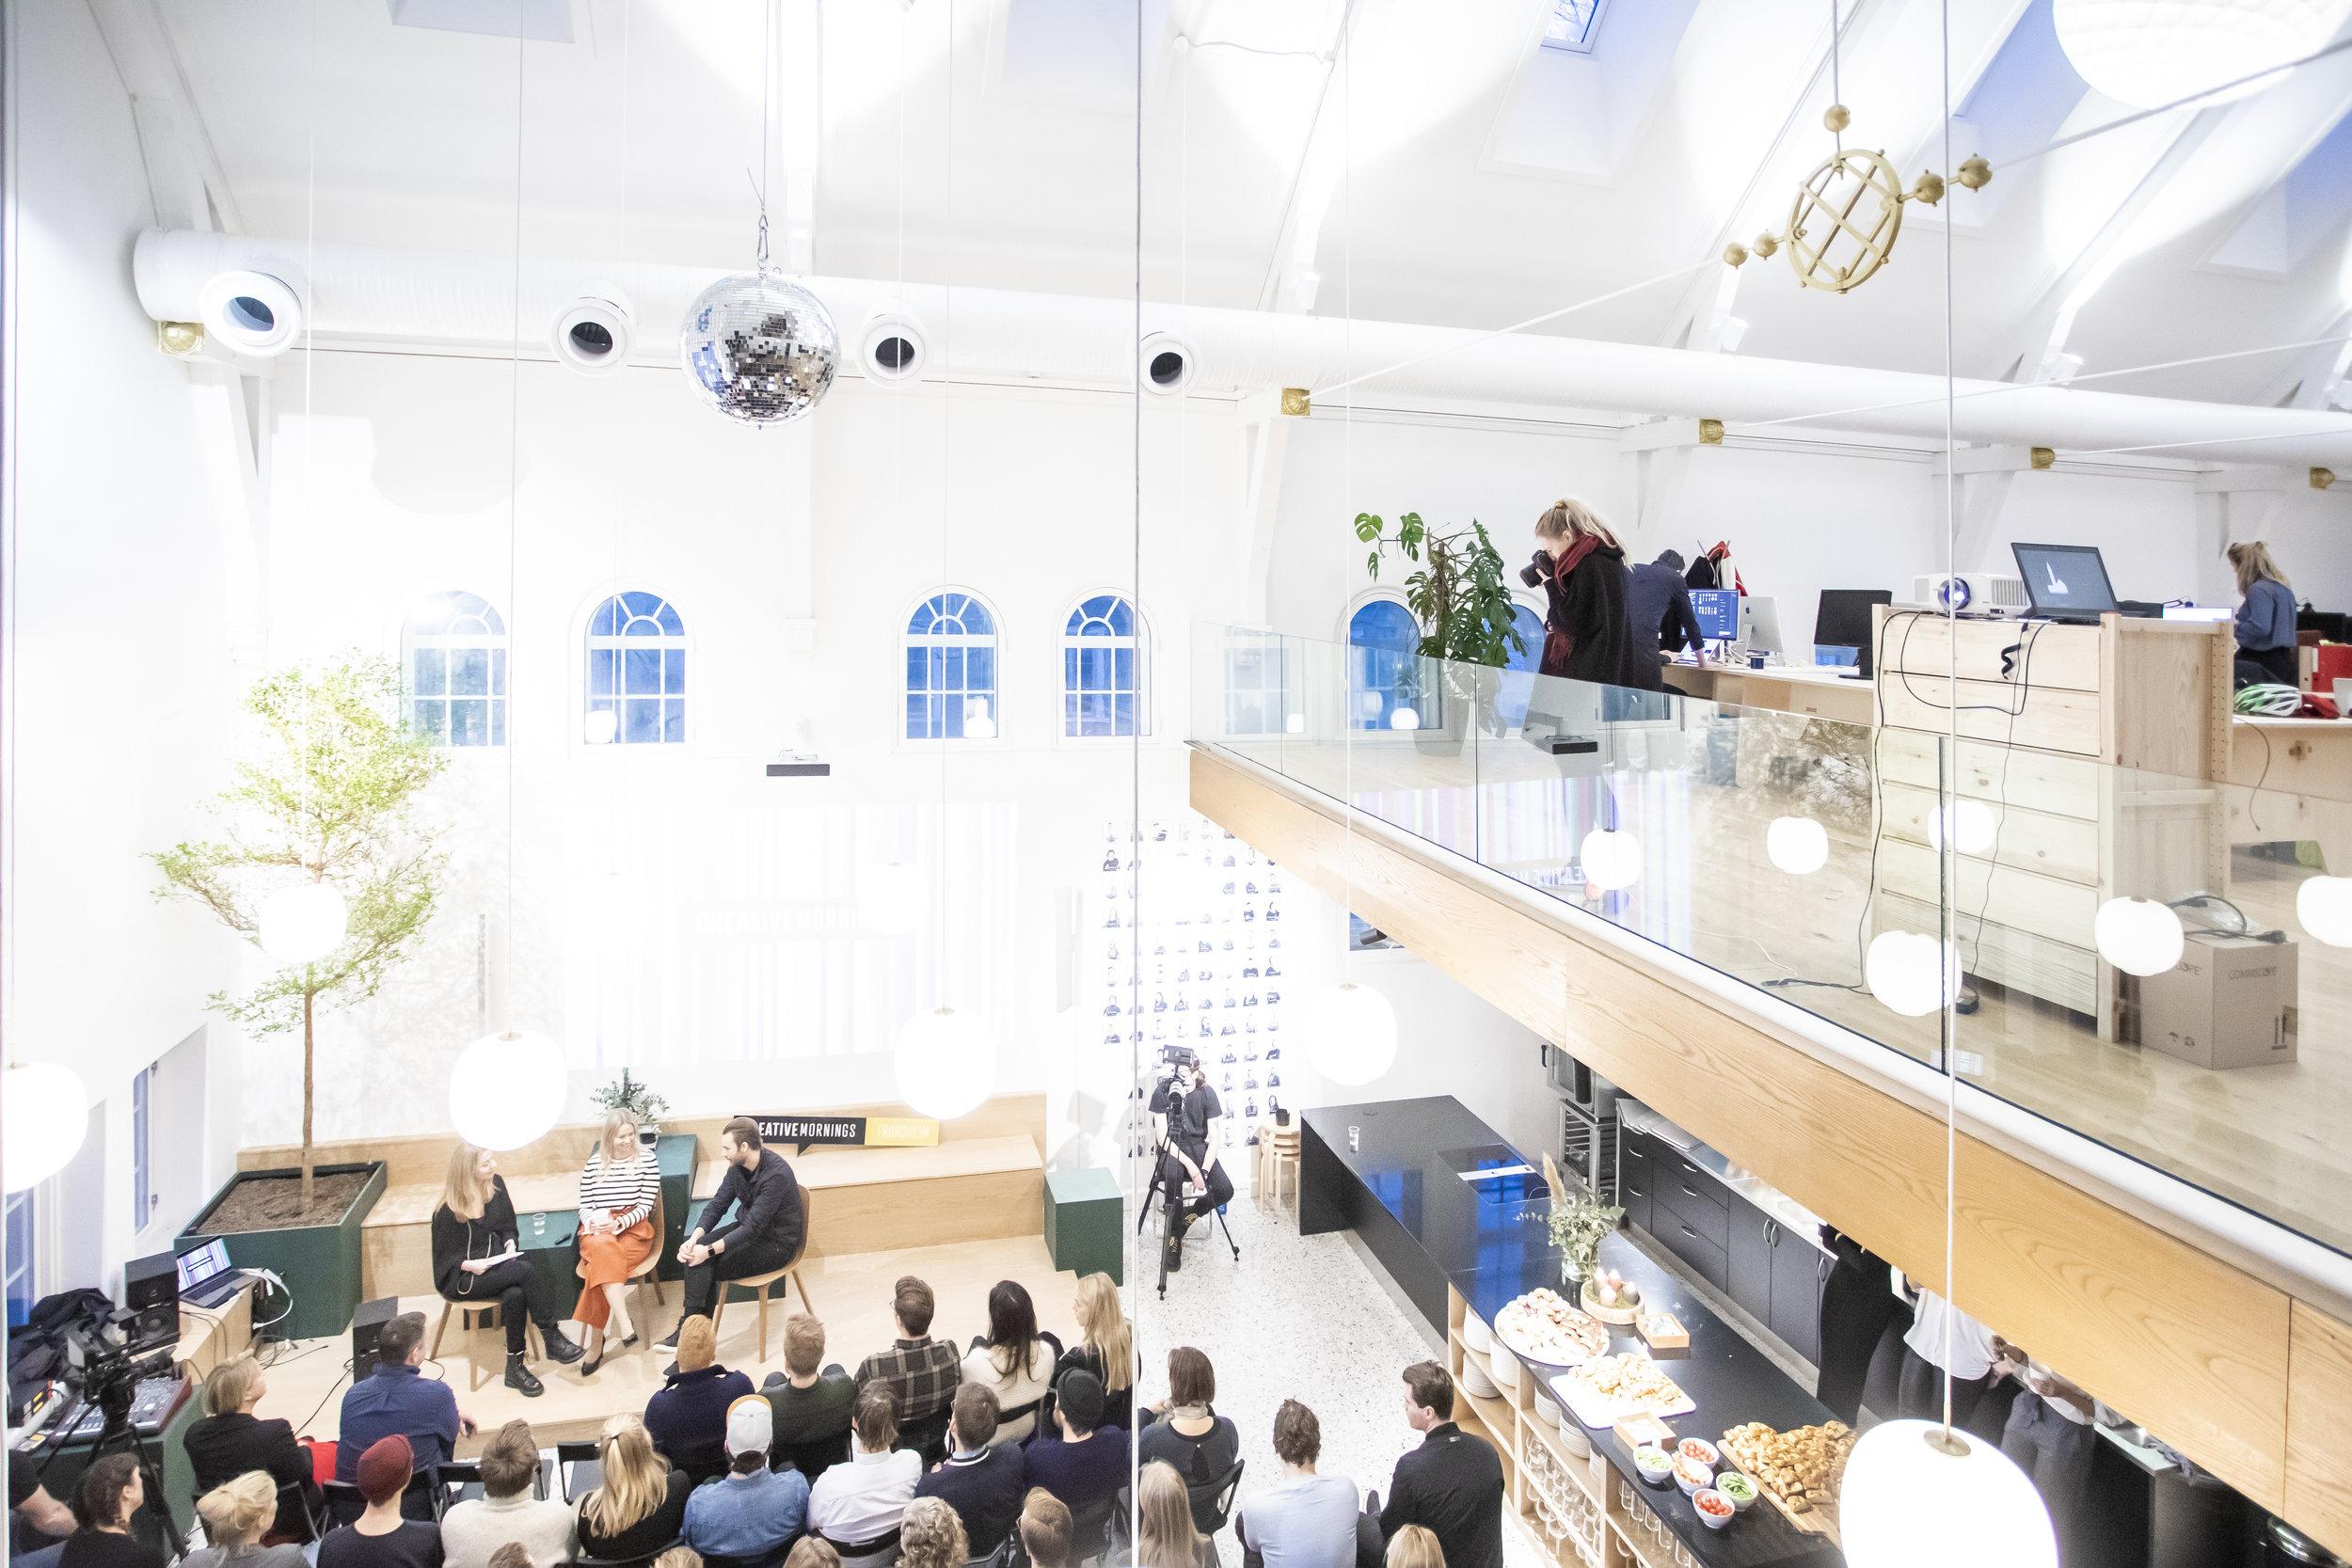 De nye lokalene til EGGS design altså.. Snakk om å legge til rette for kreativitet og godt arbeidsmiljø!